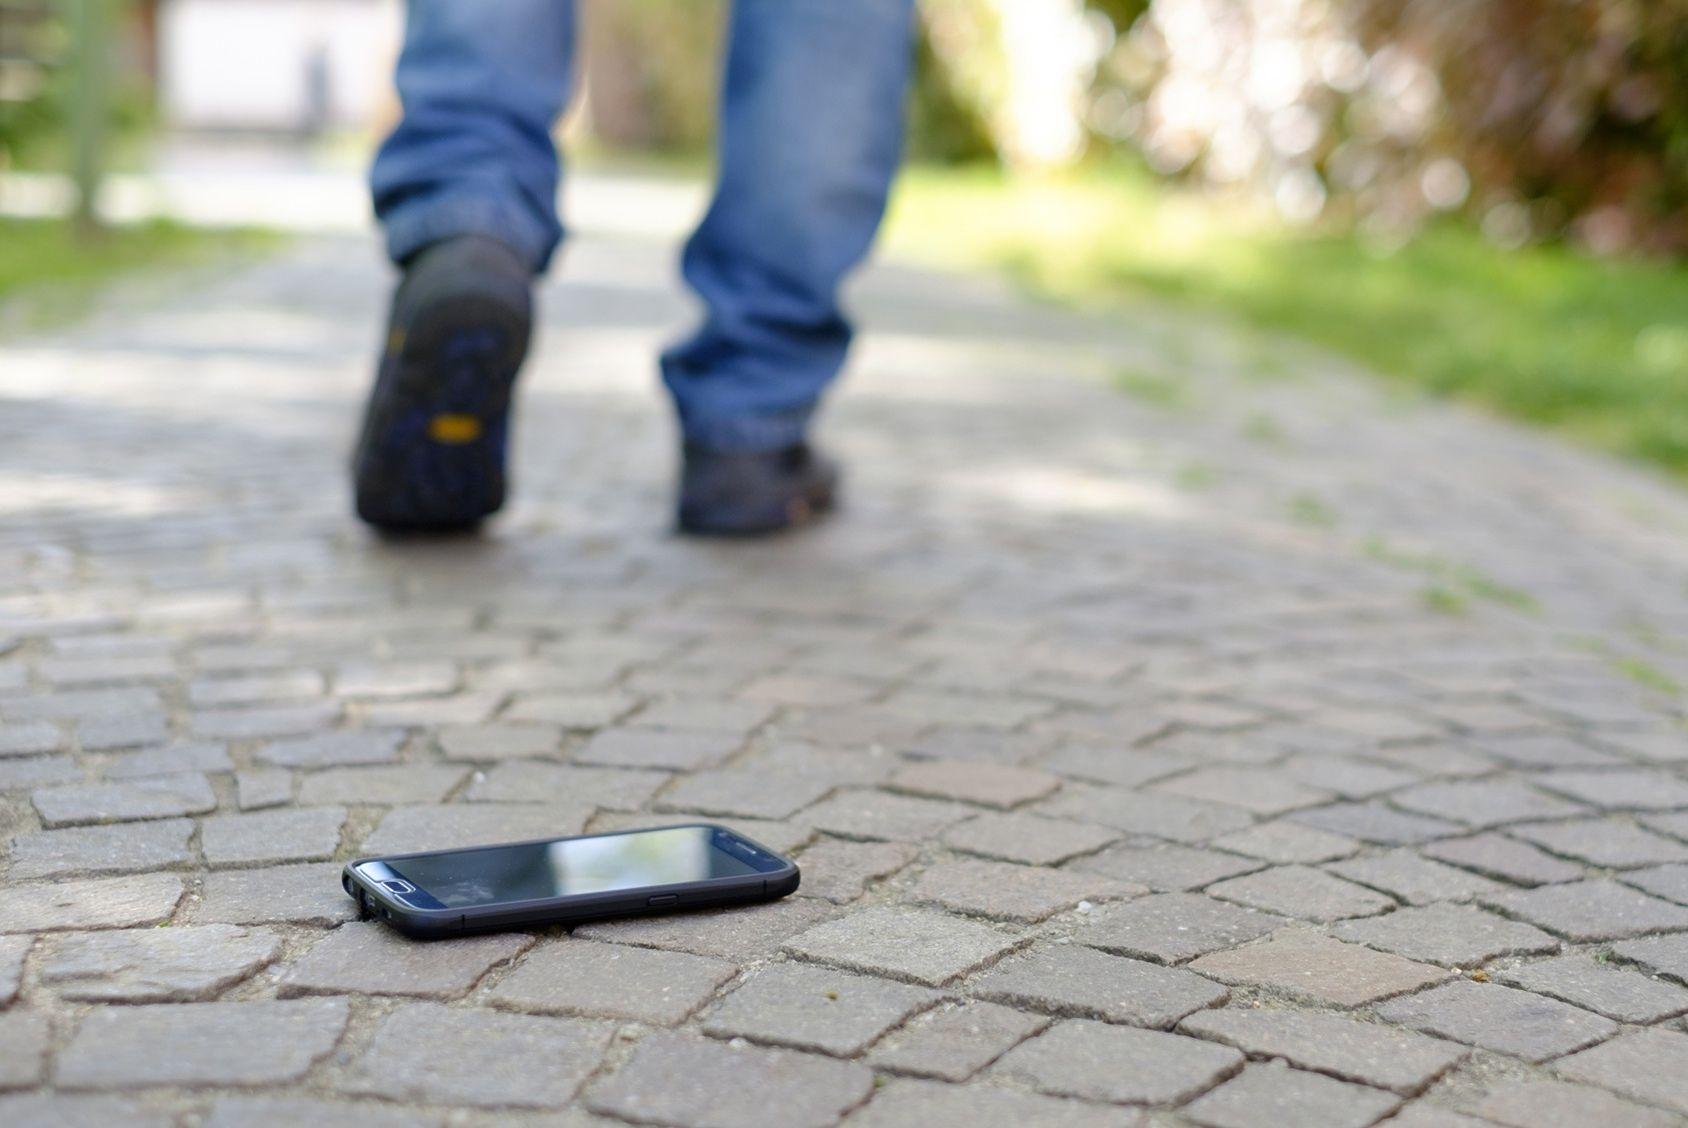 donner votre numéro de téléphone portable en ligne datant Agence de rencontres Cyrano eng sub Download